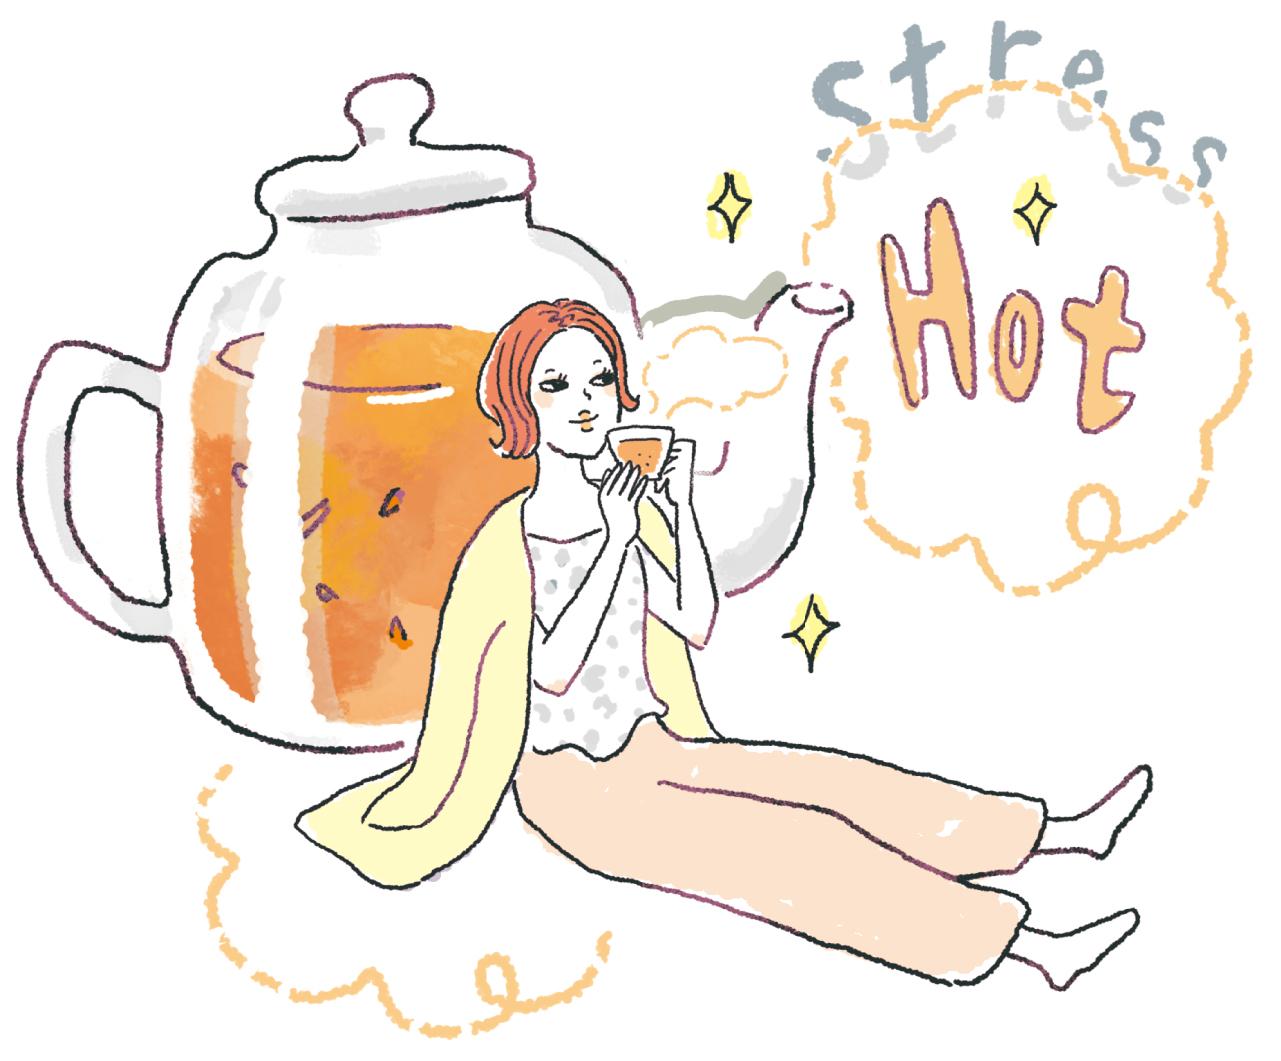 ストレス食いに走りそうになったら、温かい飲み物を